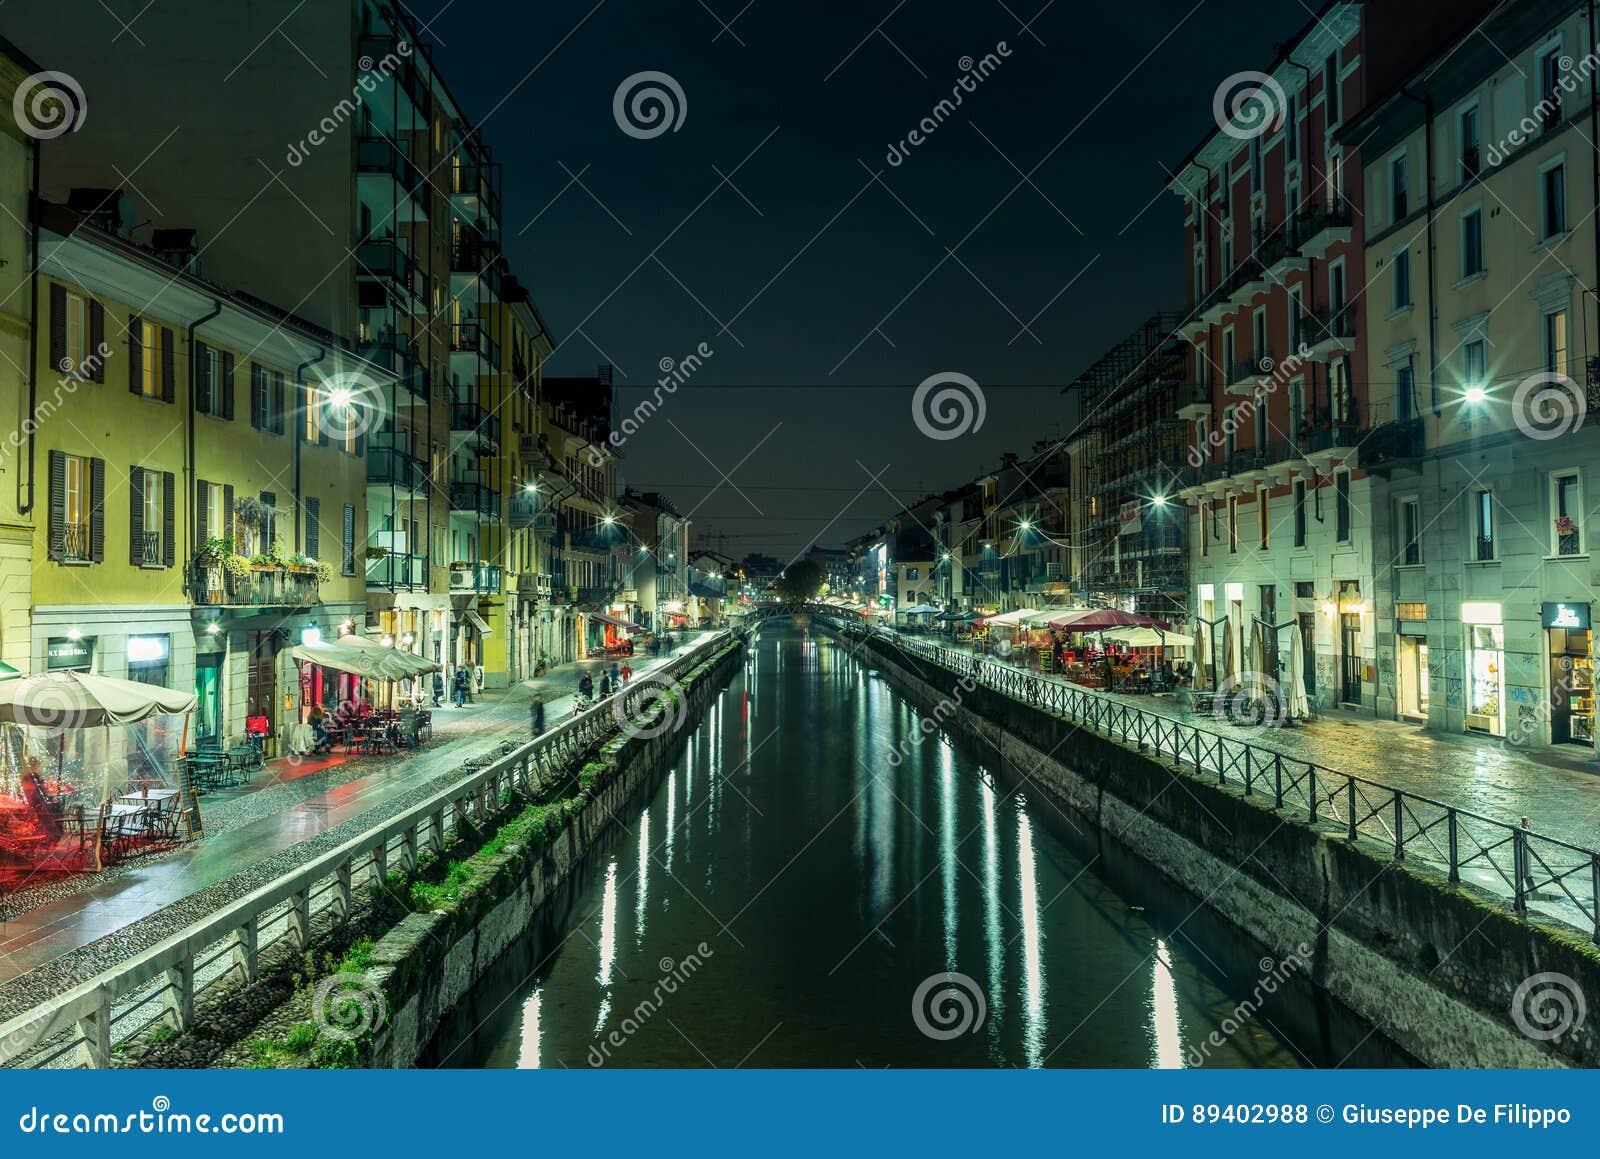 Vista do Naviglio grandioso em Milão na noite - 3